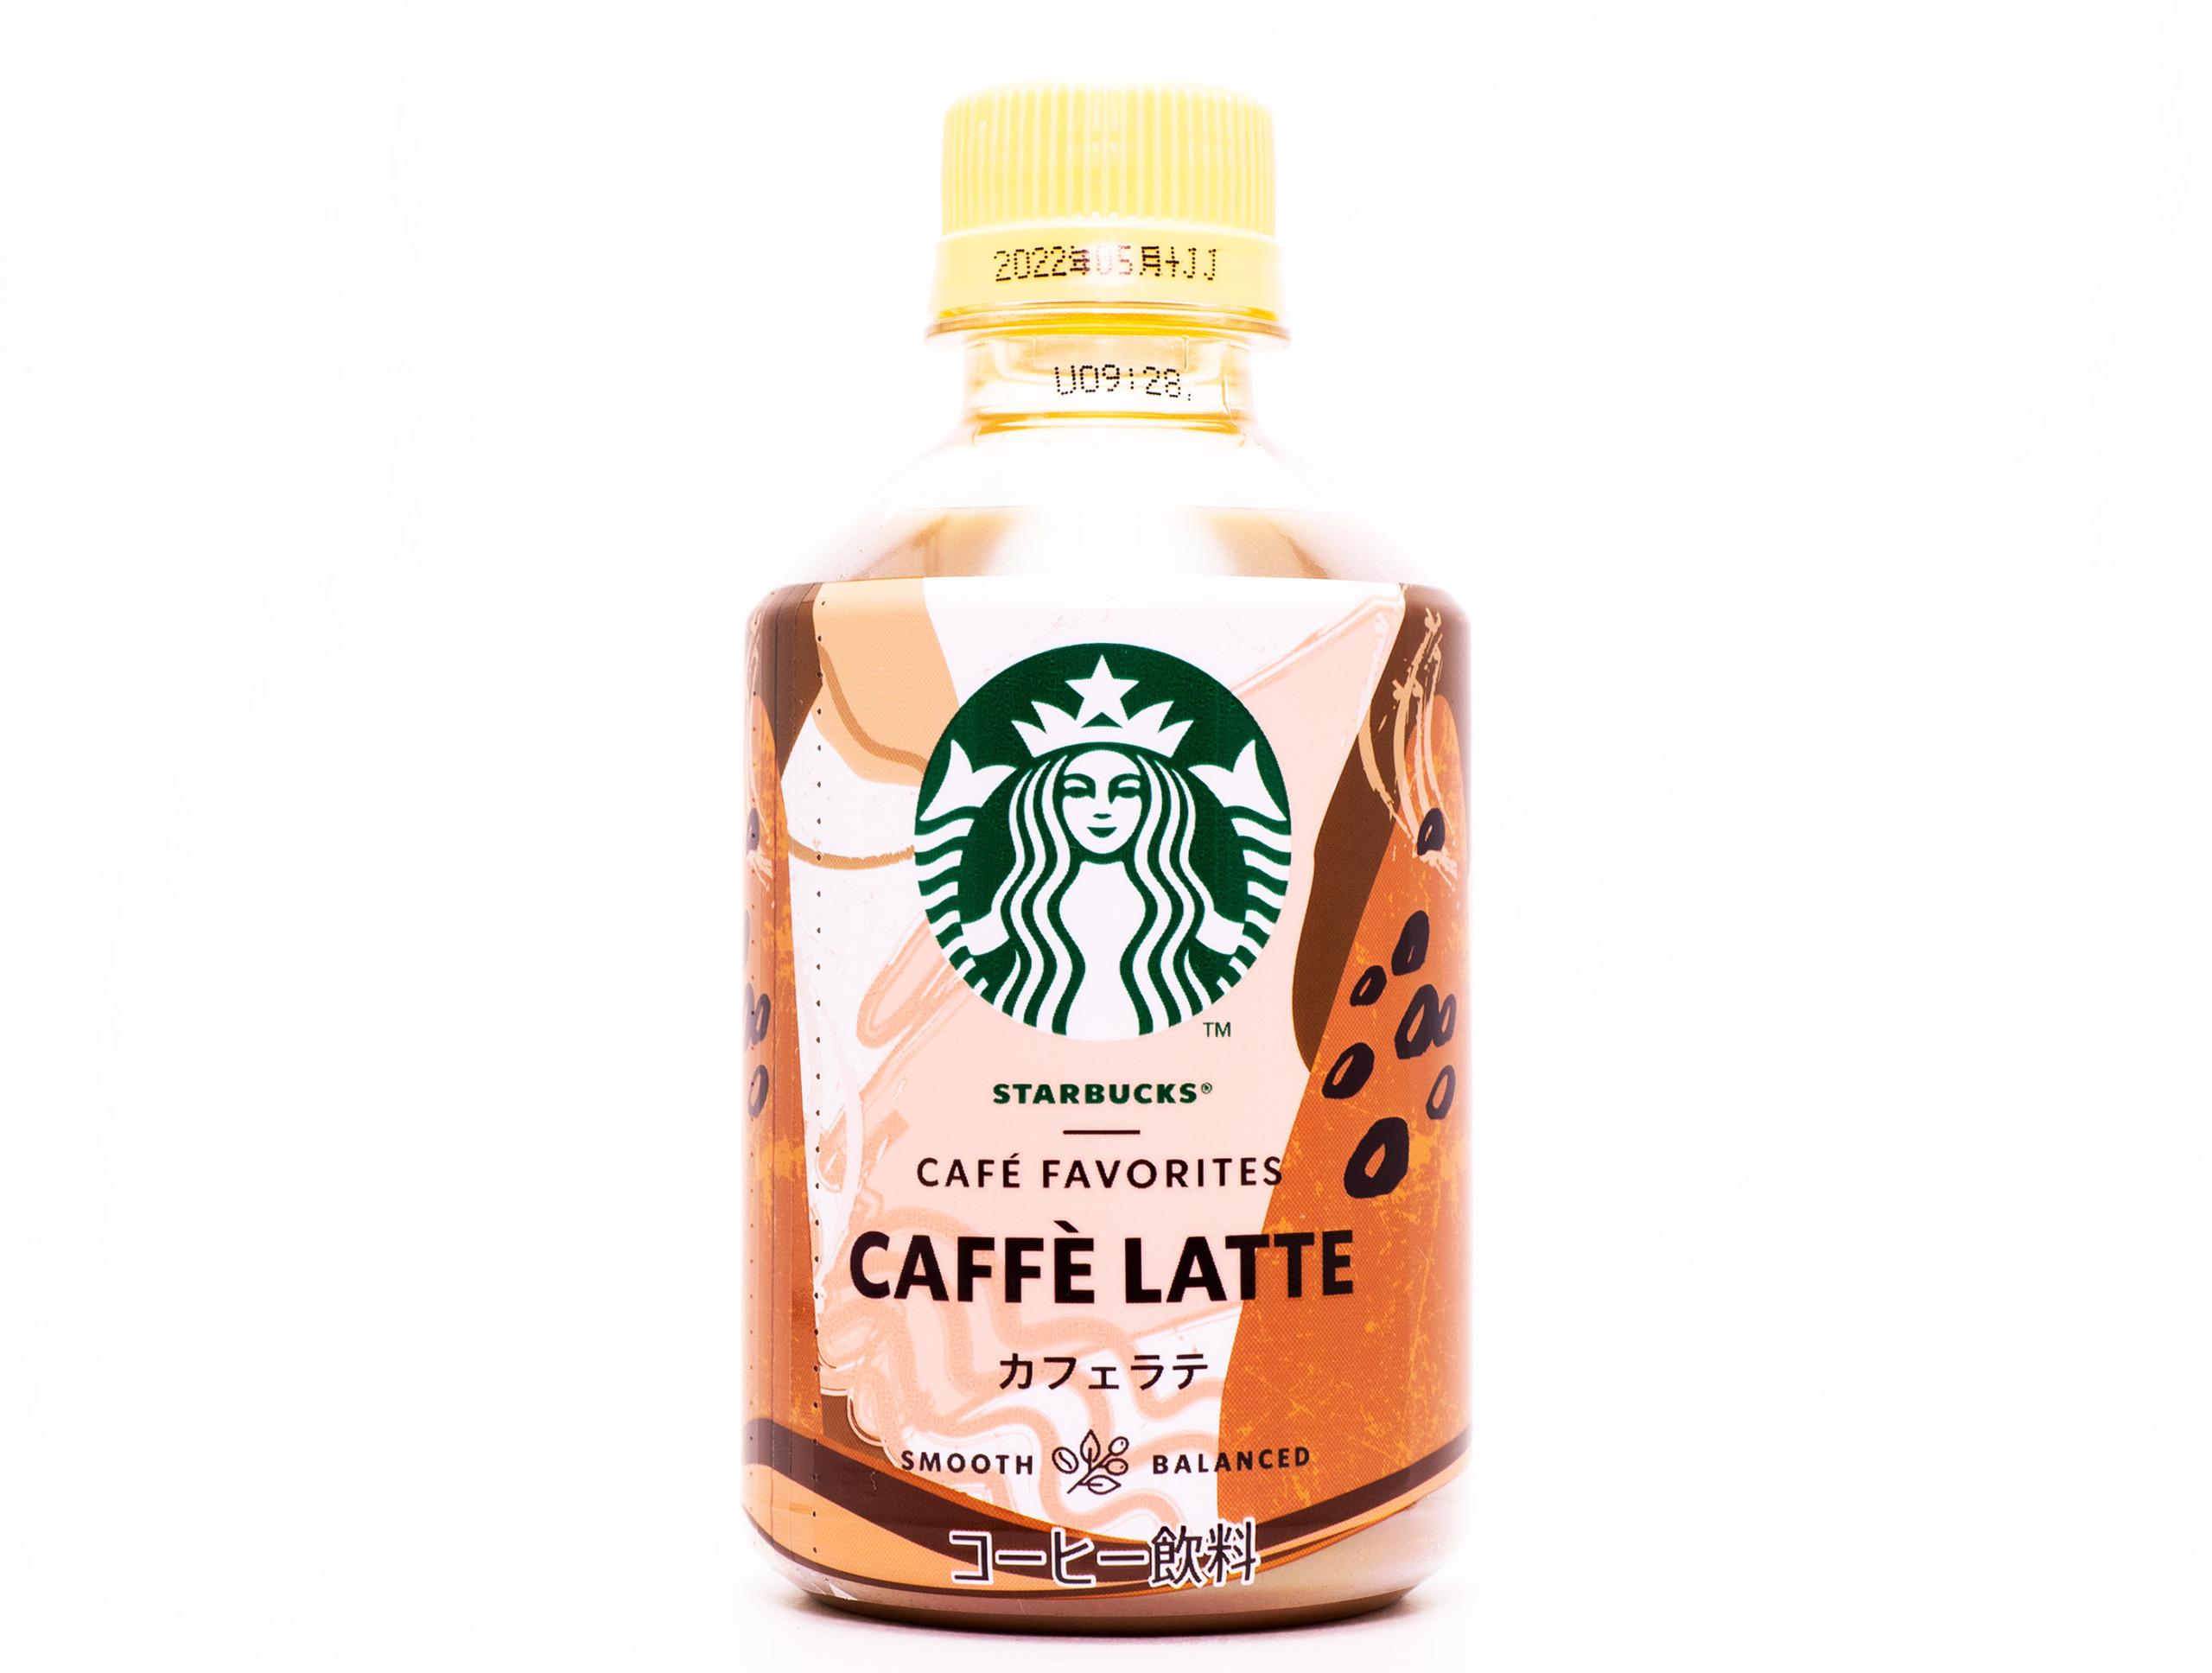 サントリーフーズ スターバックス CAFÉ FAVORITES カフェラテ